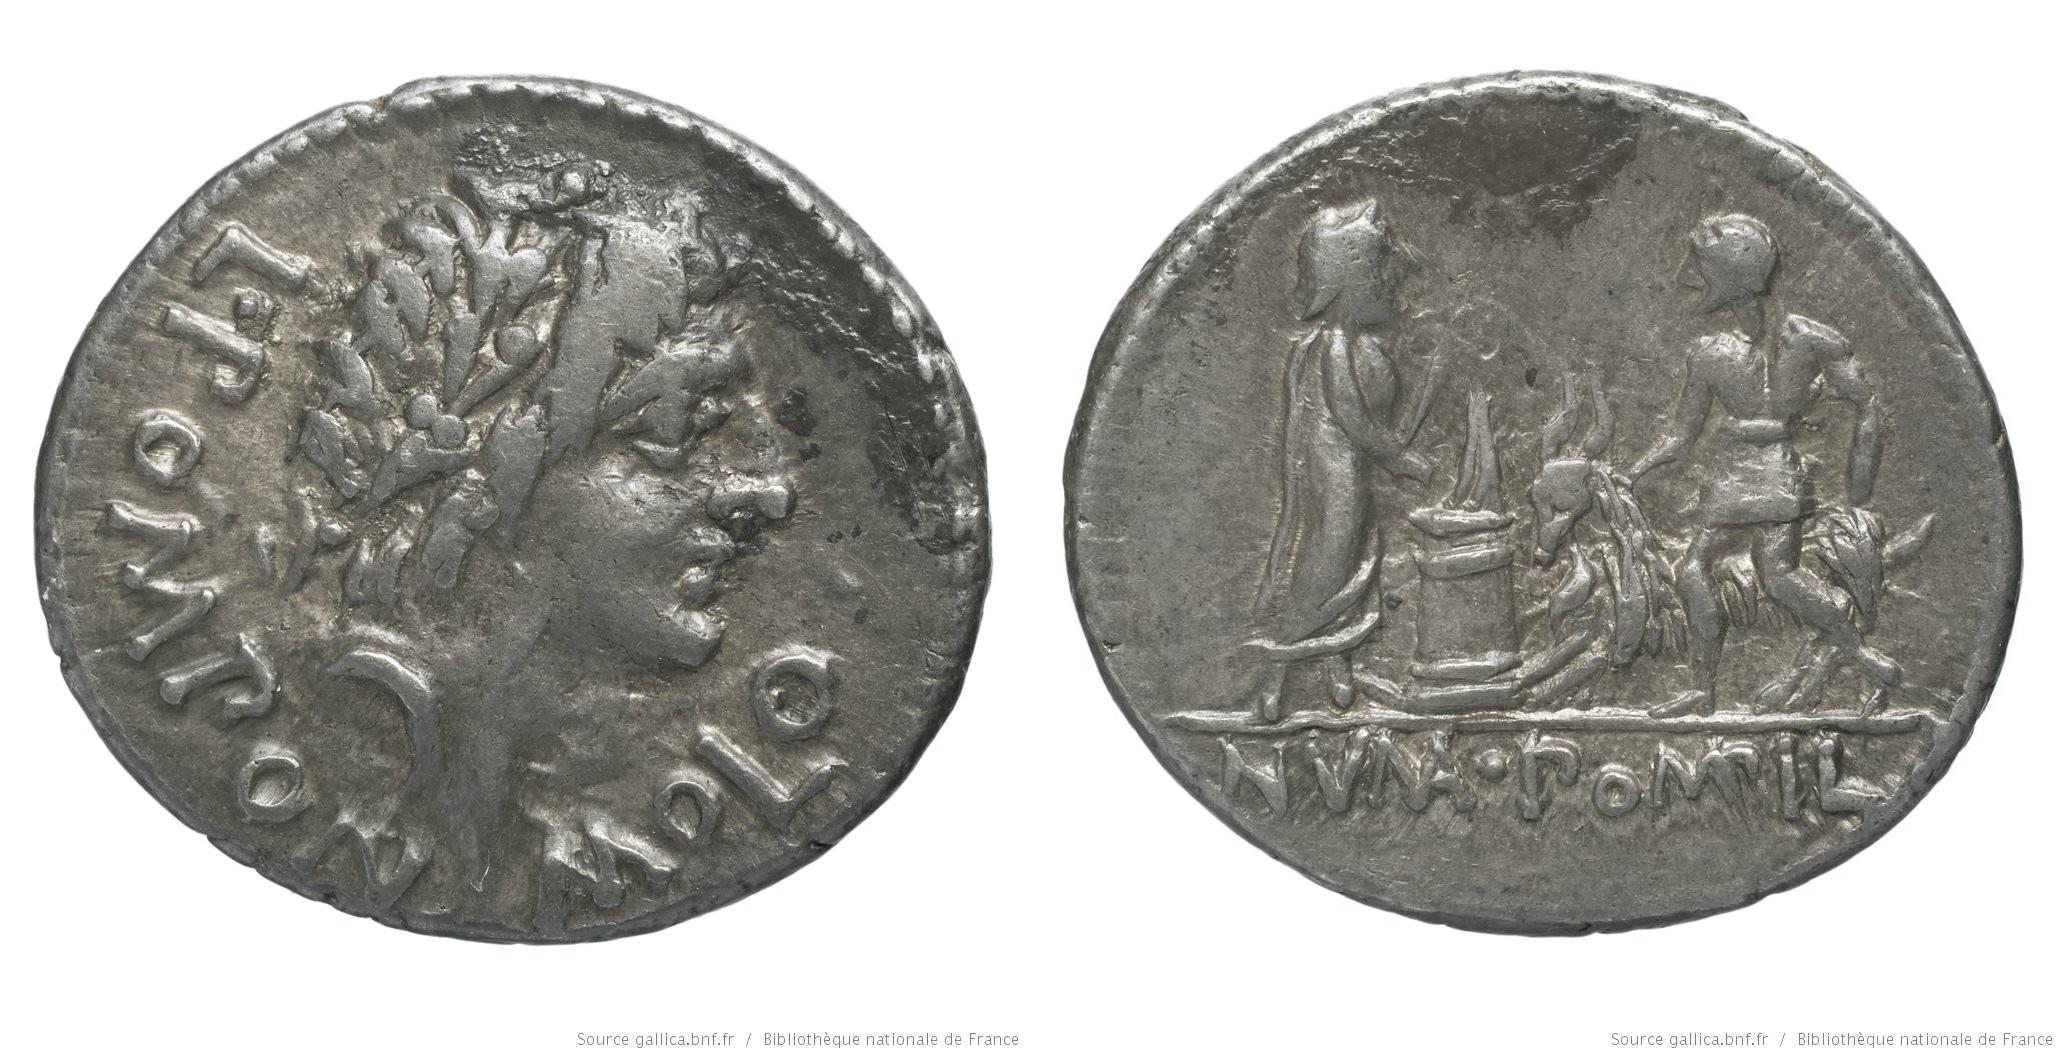 1171PO – Denier Pomponia – Lucius Pomponius Molo